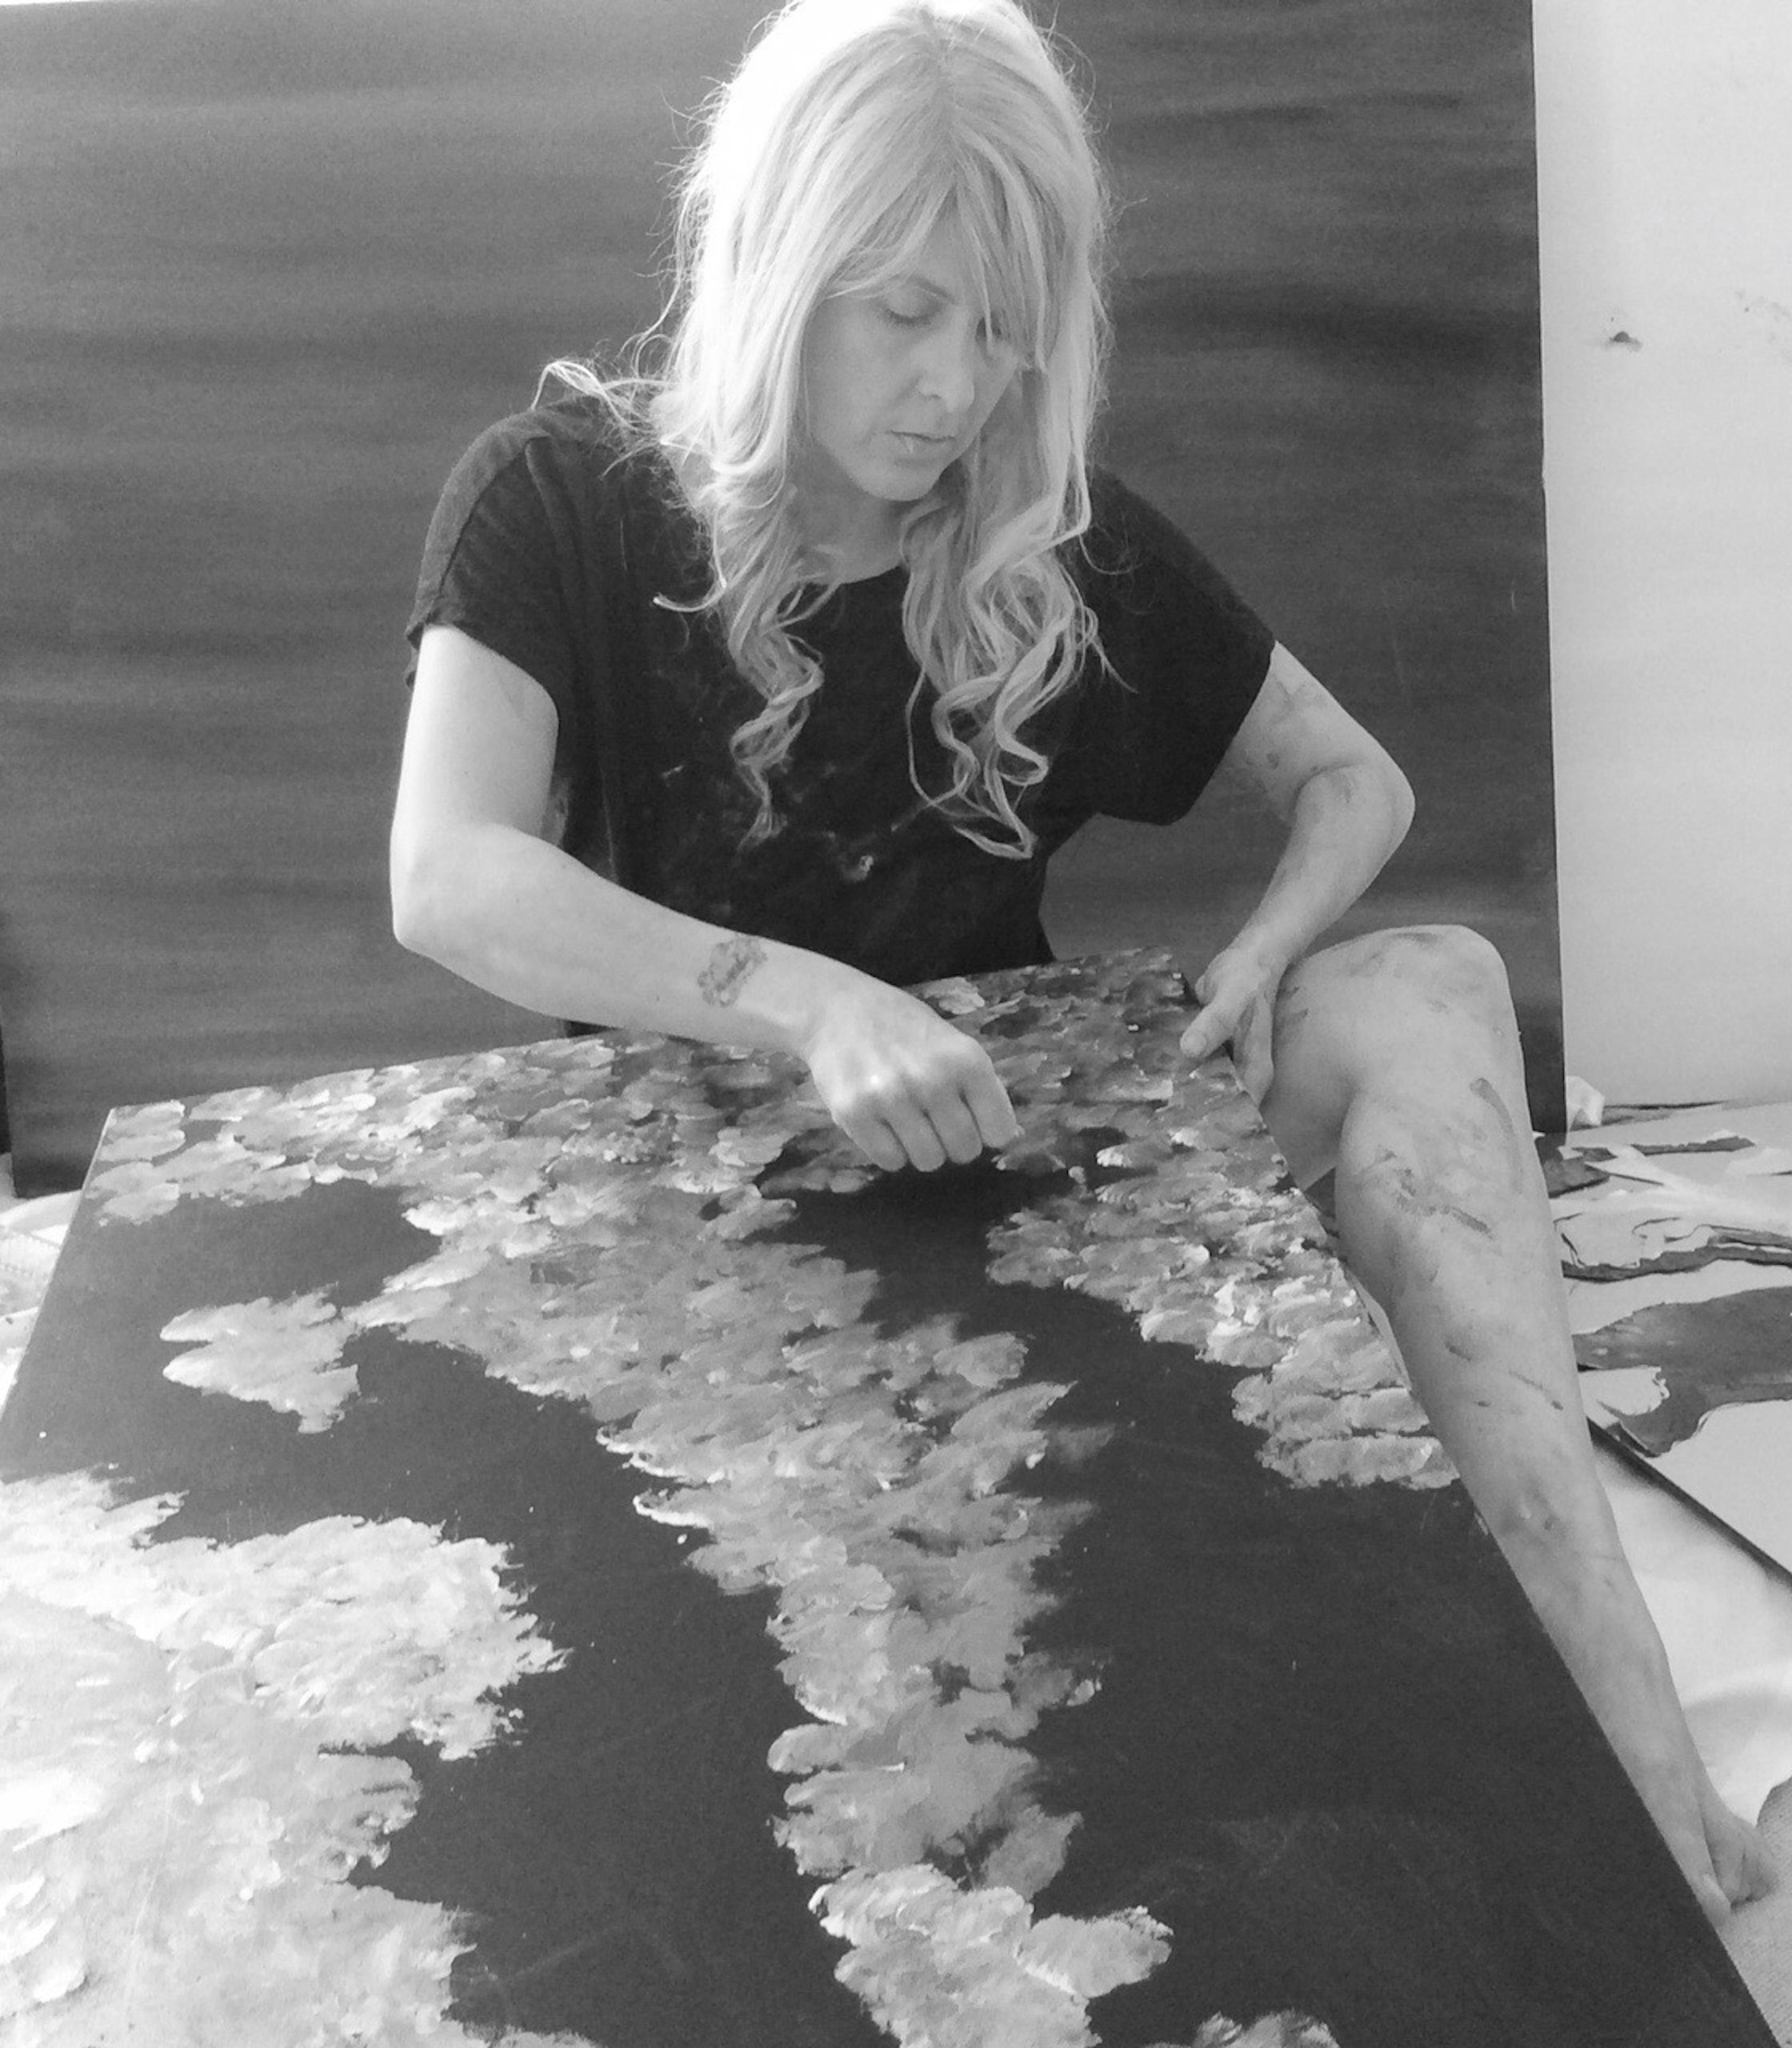 Shana painting